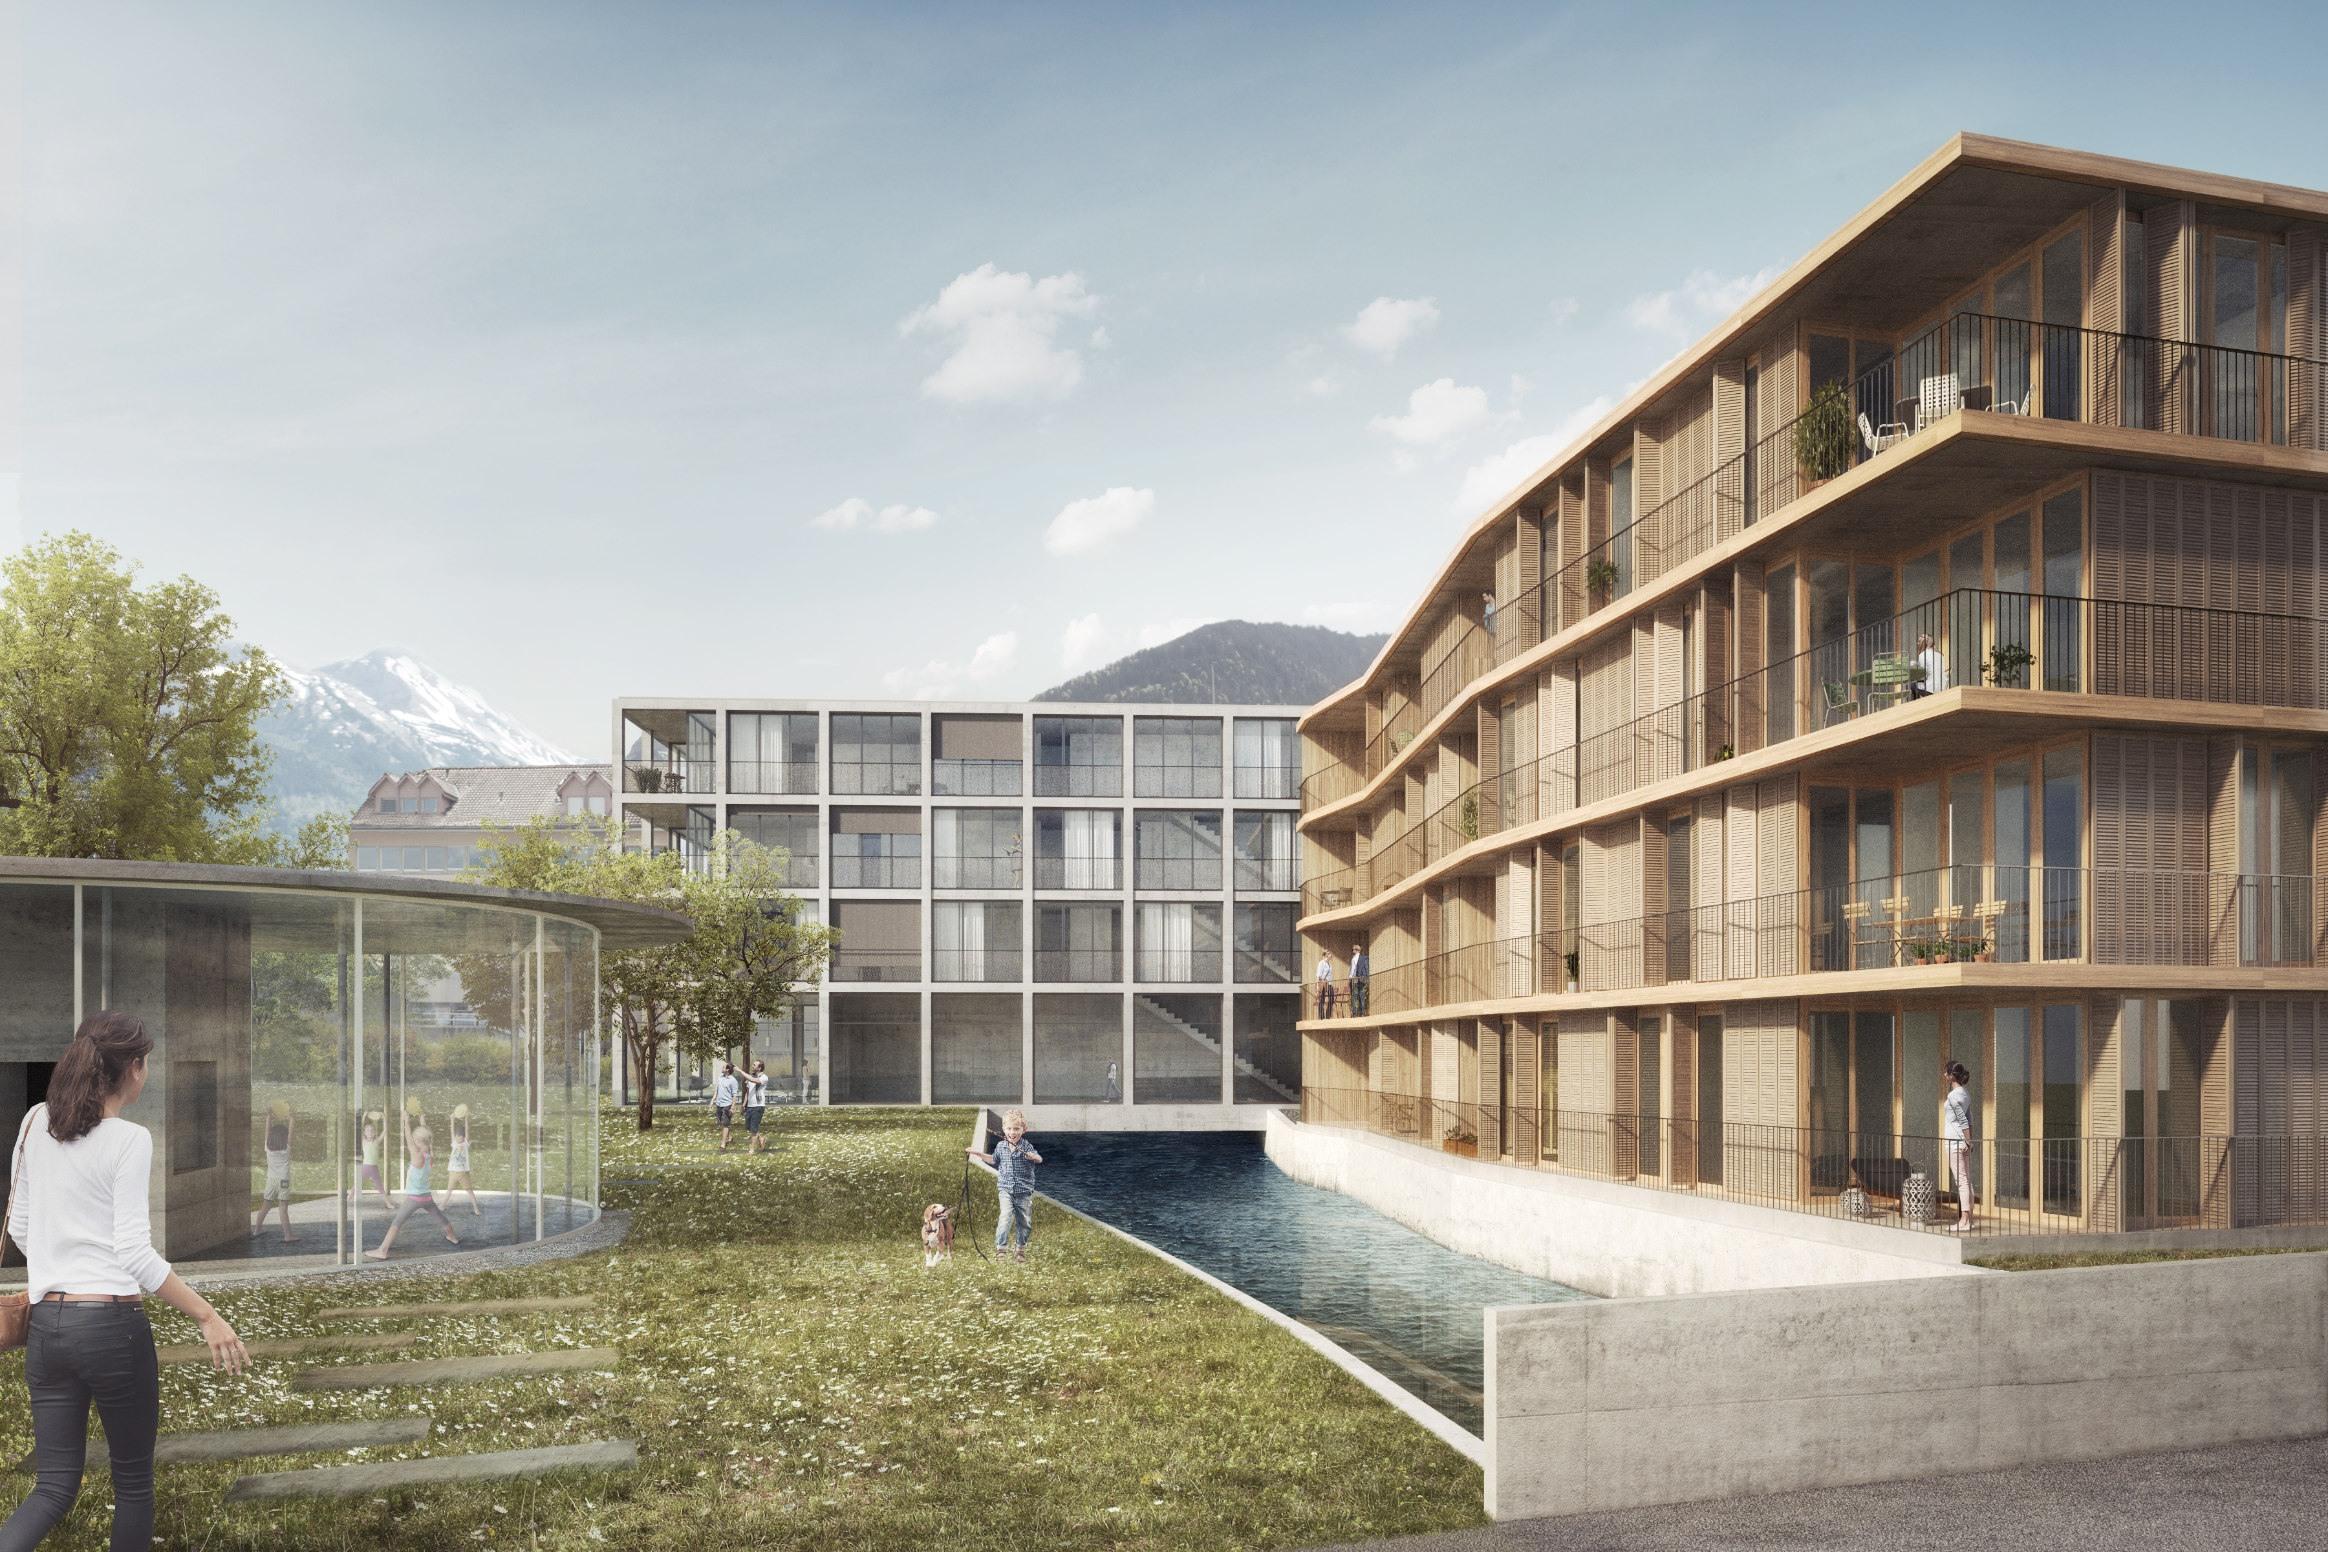 439 1 15101 Schär Buri Architekten AG WBW Ruag Areal Unterseen EXT b 150521